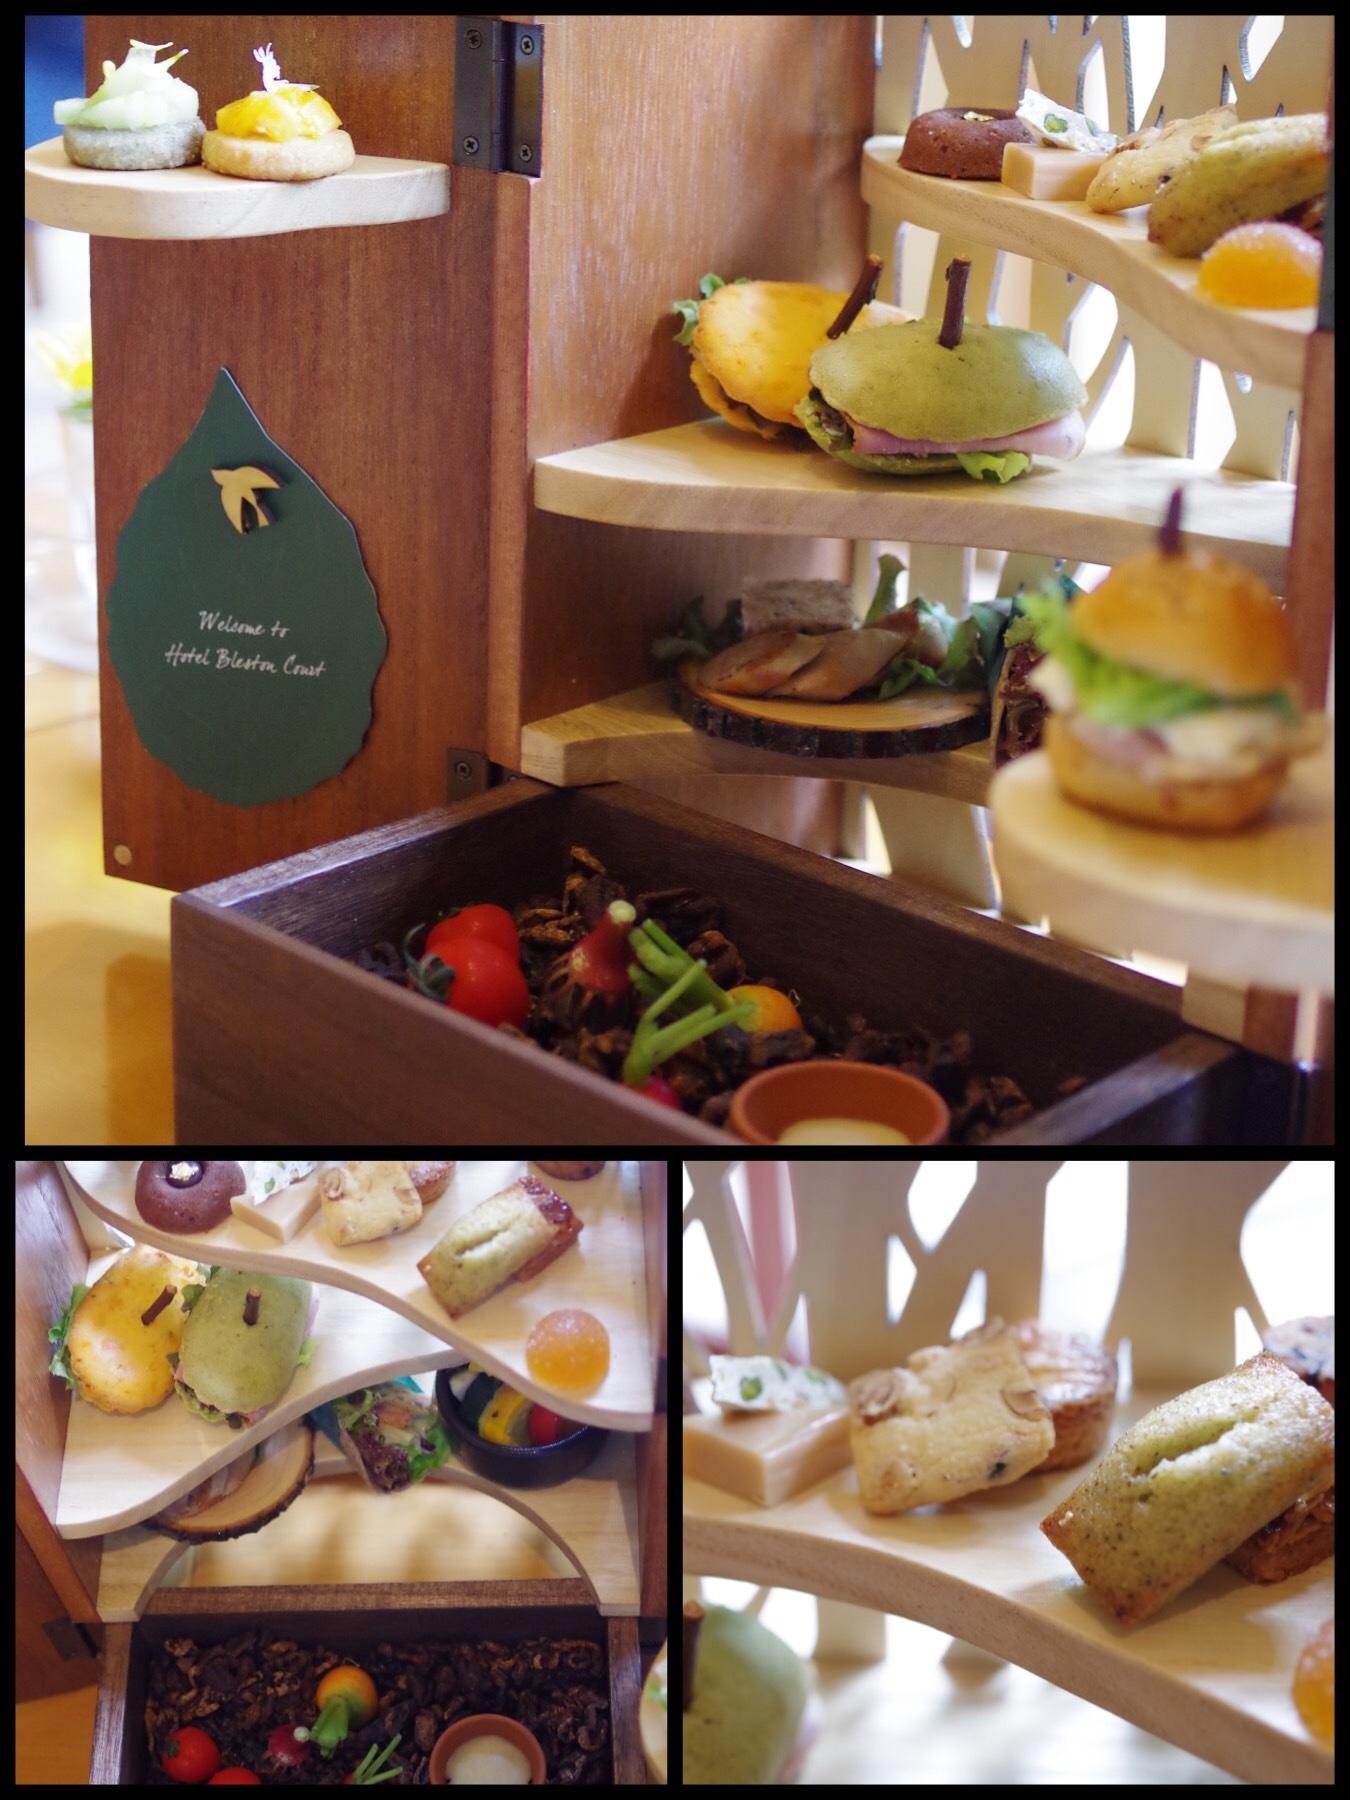 軽井沢ブレストンコートホテル テラスヴィラ ザラウンジ 森のアフタヌーンティー夏